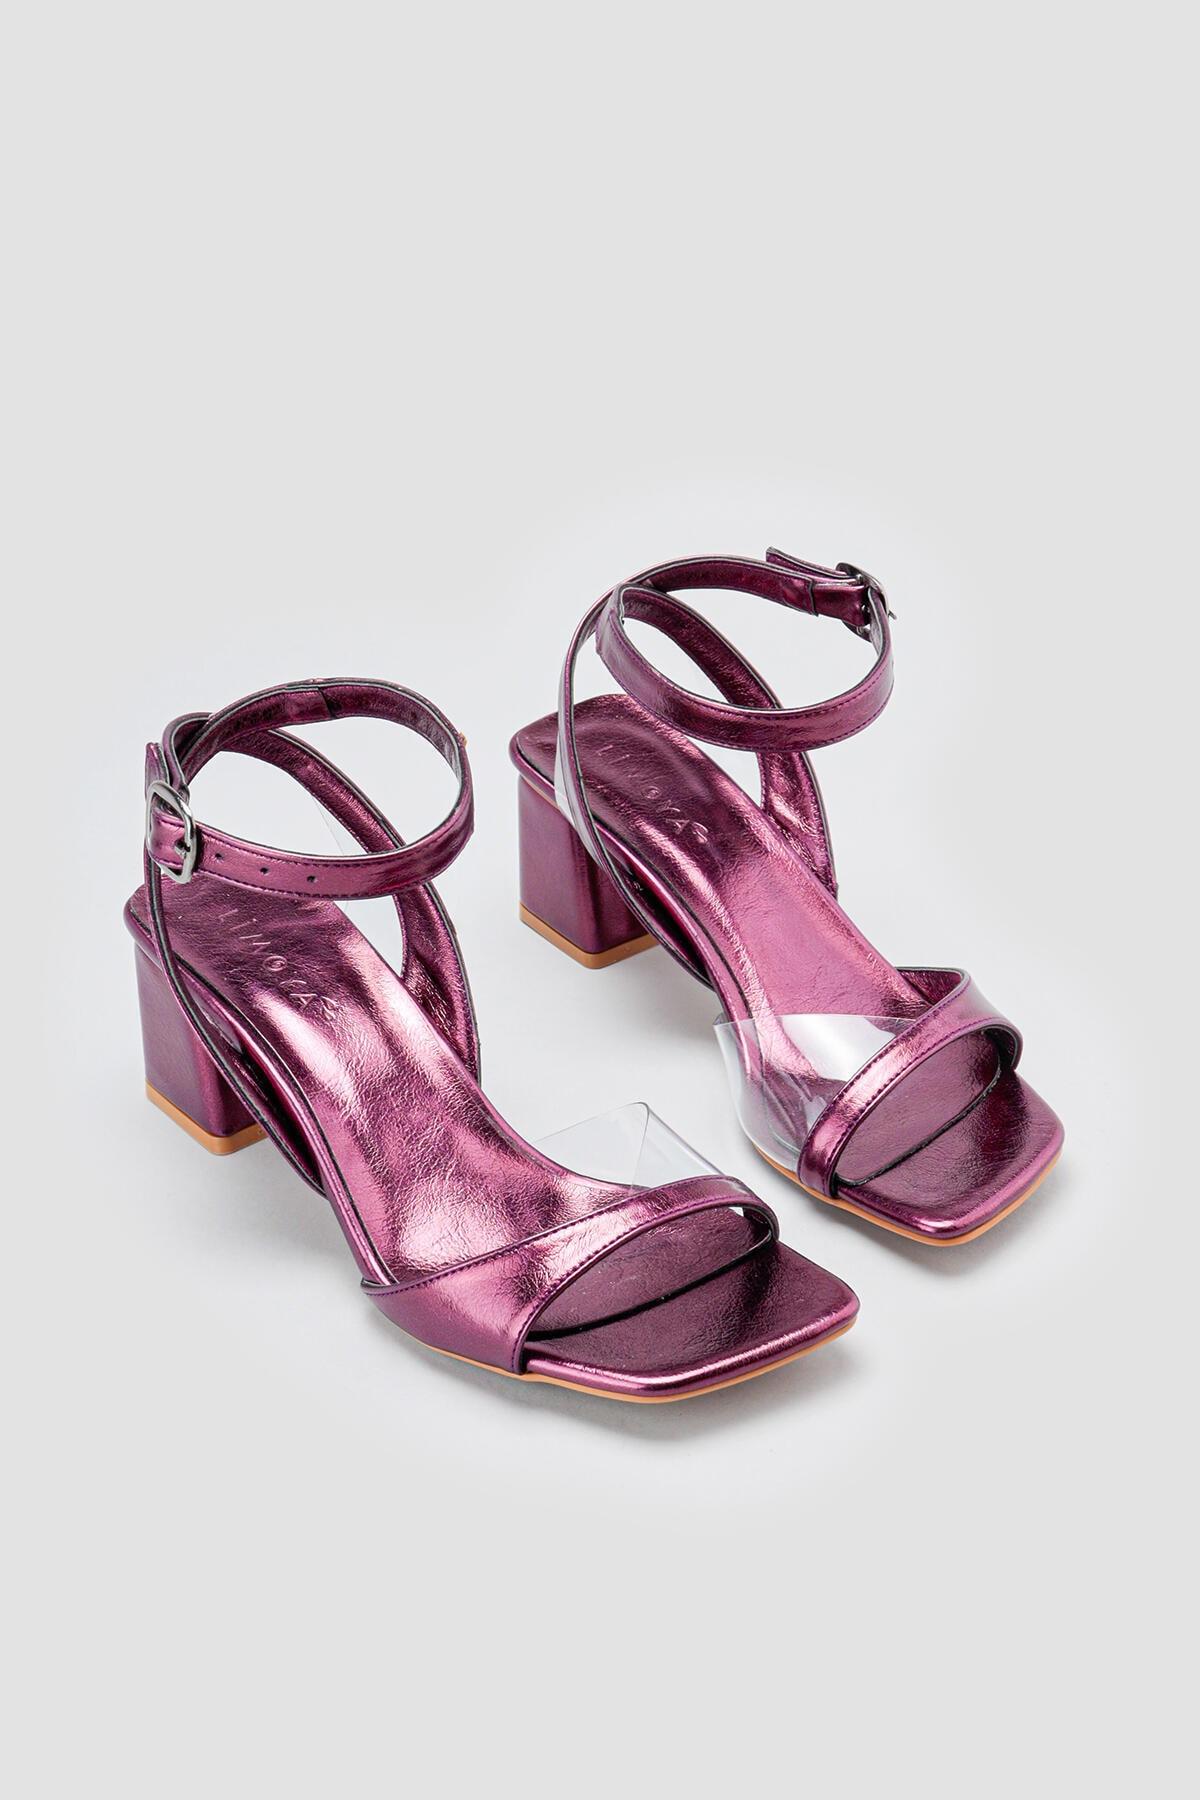 Limoya Kadın Olive Mor Şeffaf Detaylı Alçak Topuklu Sandalet